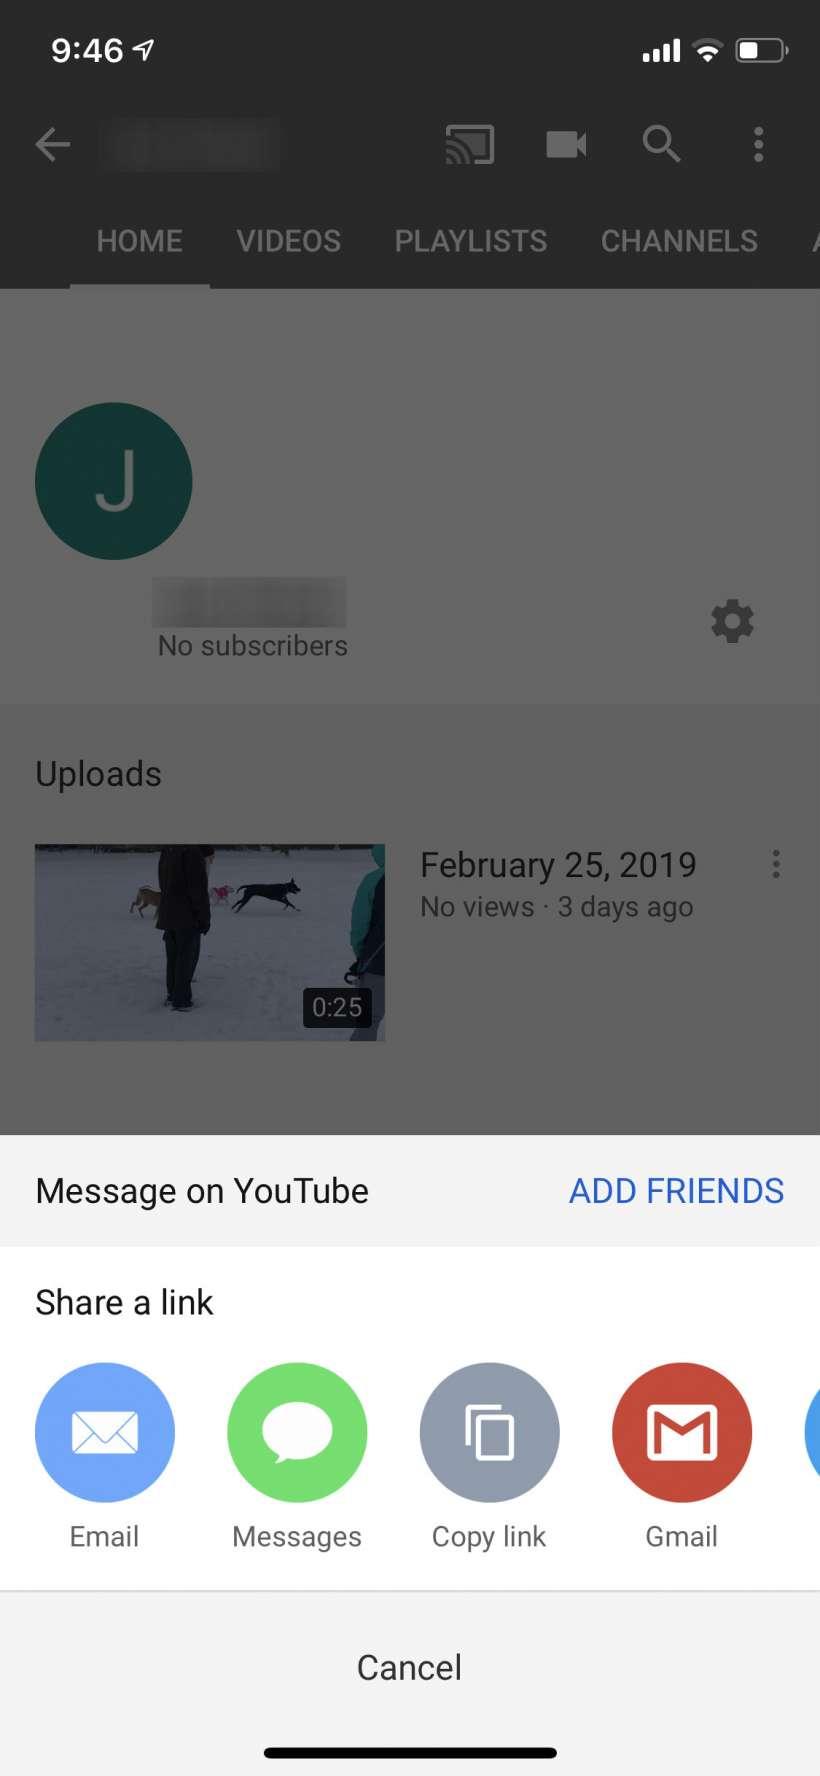 Como puede encontrar el enlace a su canal de YouTube y compartirlo.